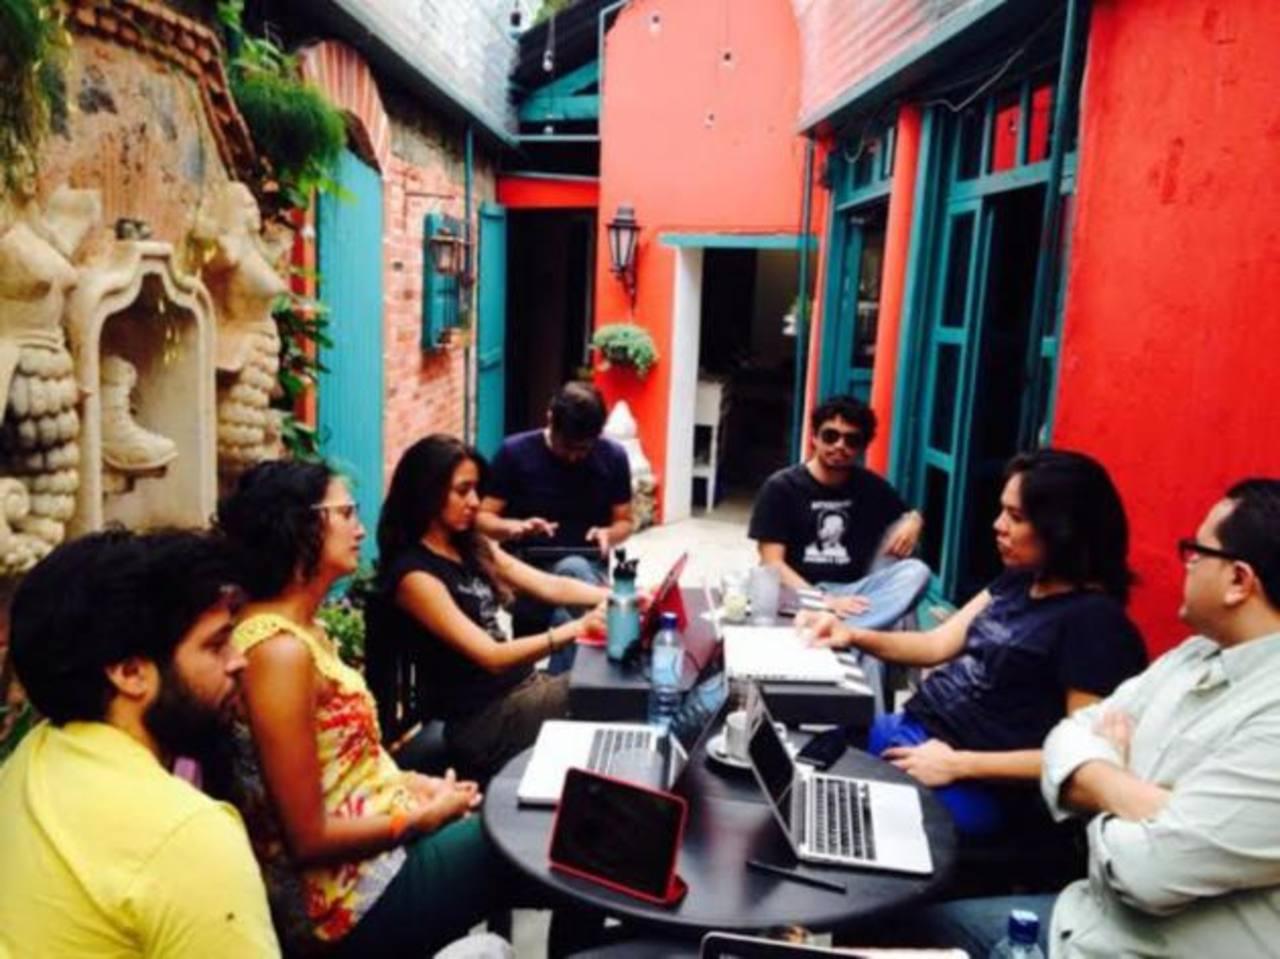 El equipo de producción de la película, coproducida entre seis países centroamericanos, tuvo un encuentro en Guatemala.